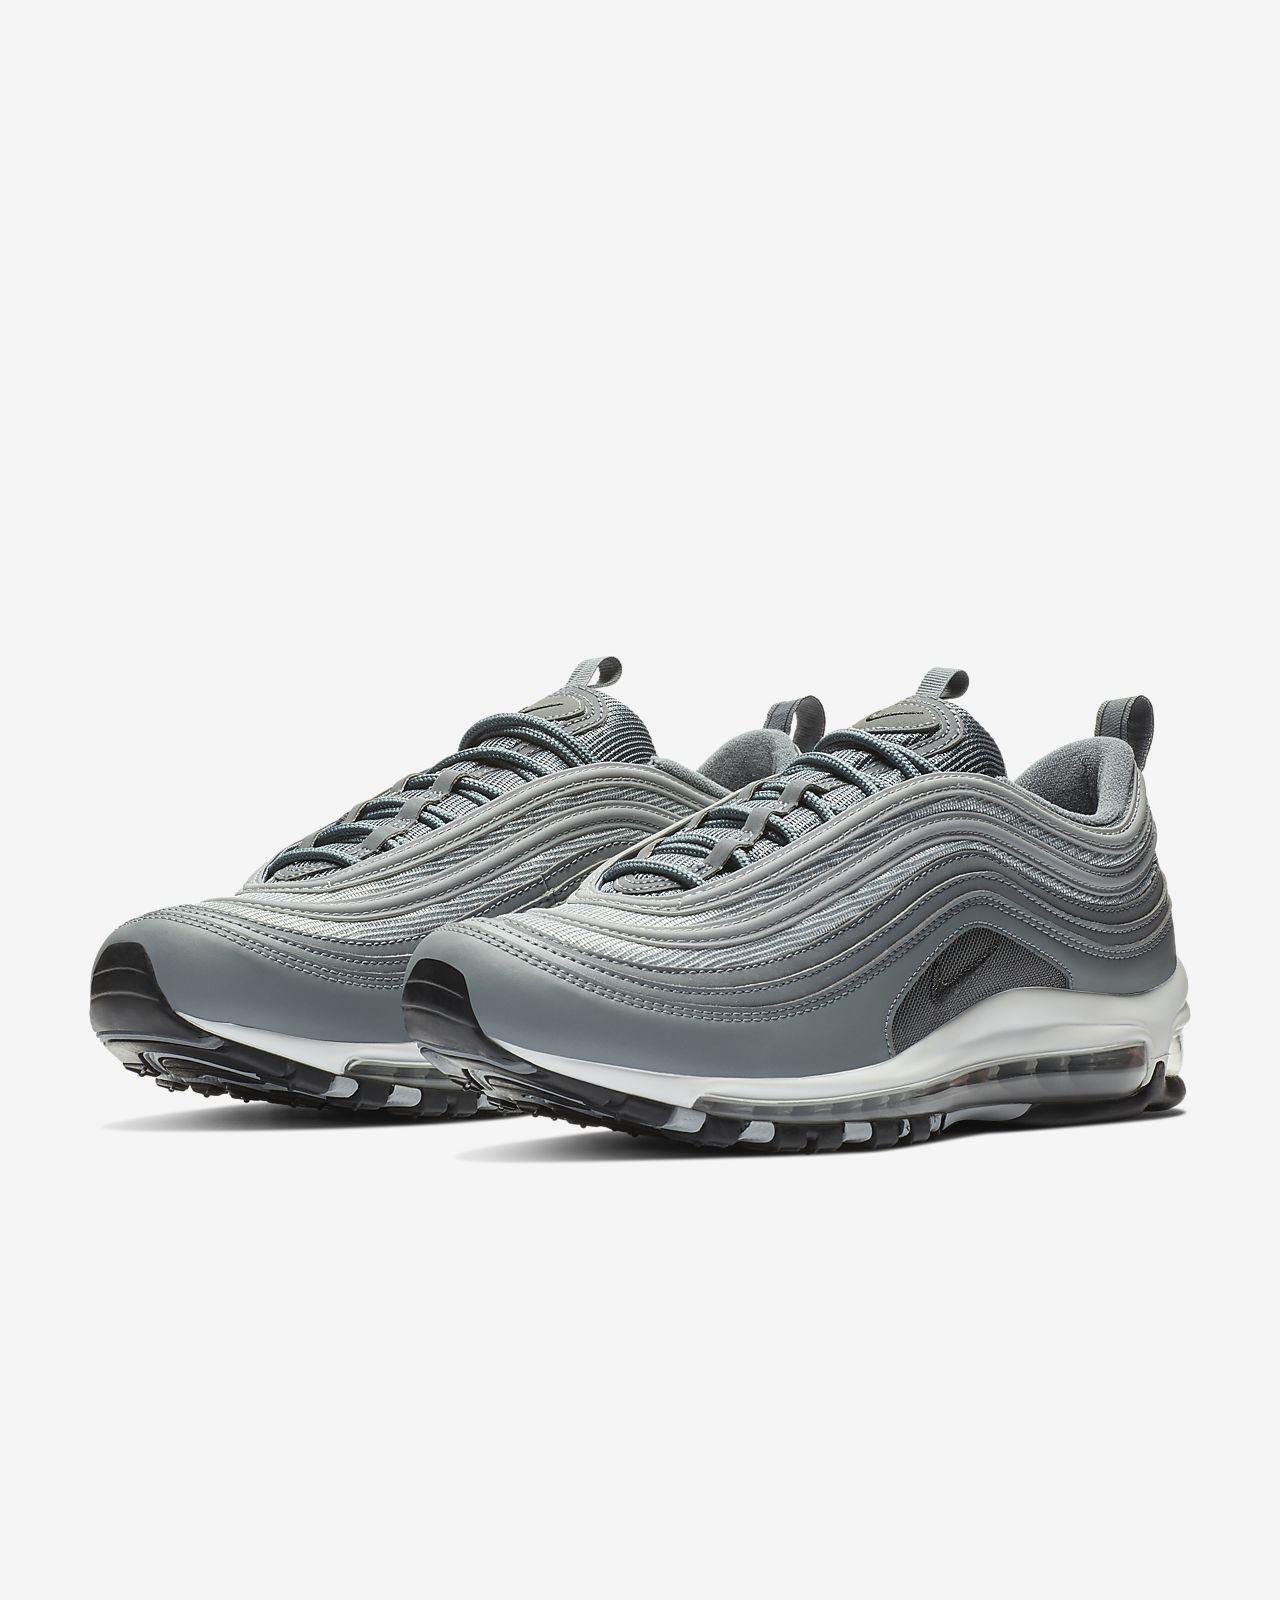 cheaper a591c f1c69 ... Chaussure Nike Air Max 97 Essential pour Homme